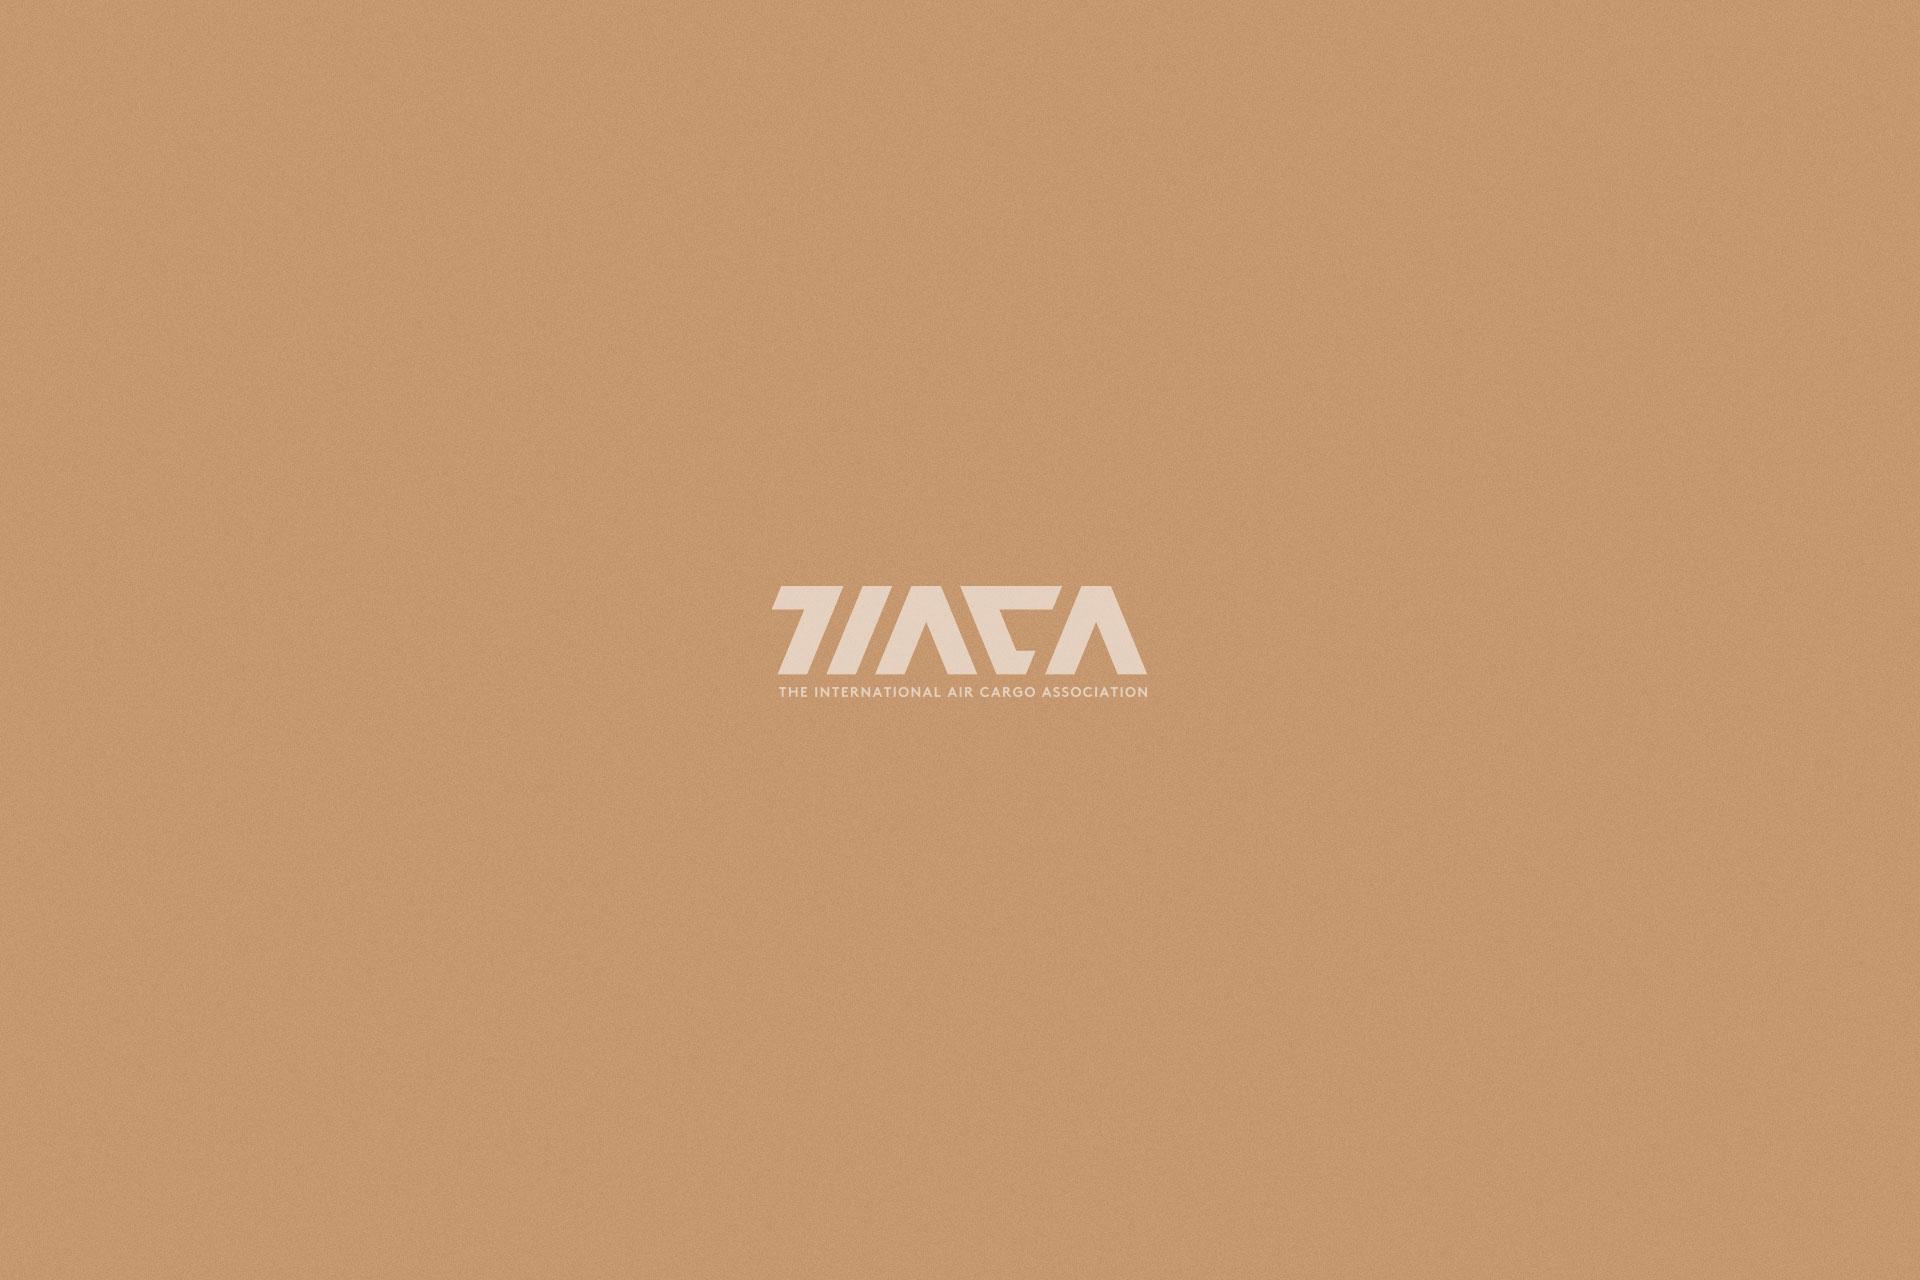 Logos & Brandmarks Tiaca